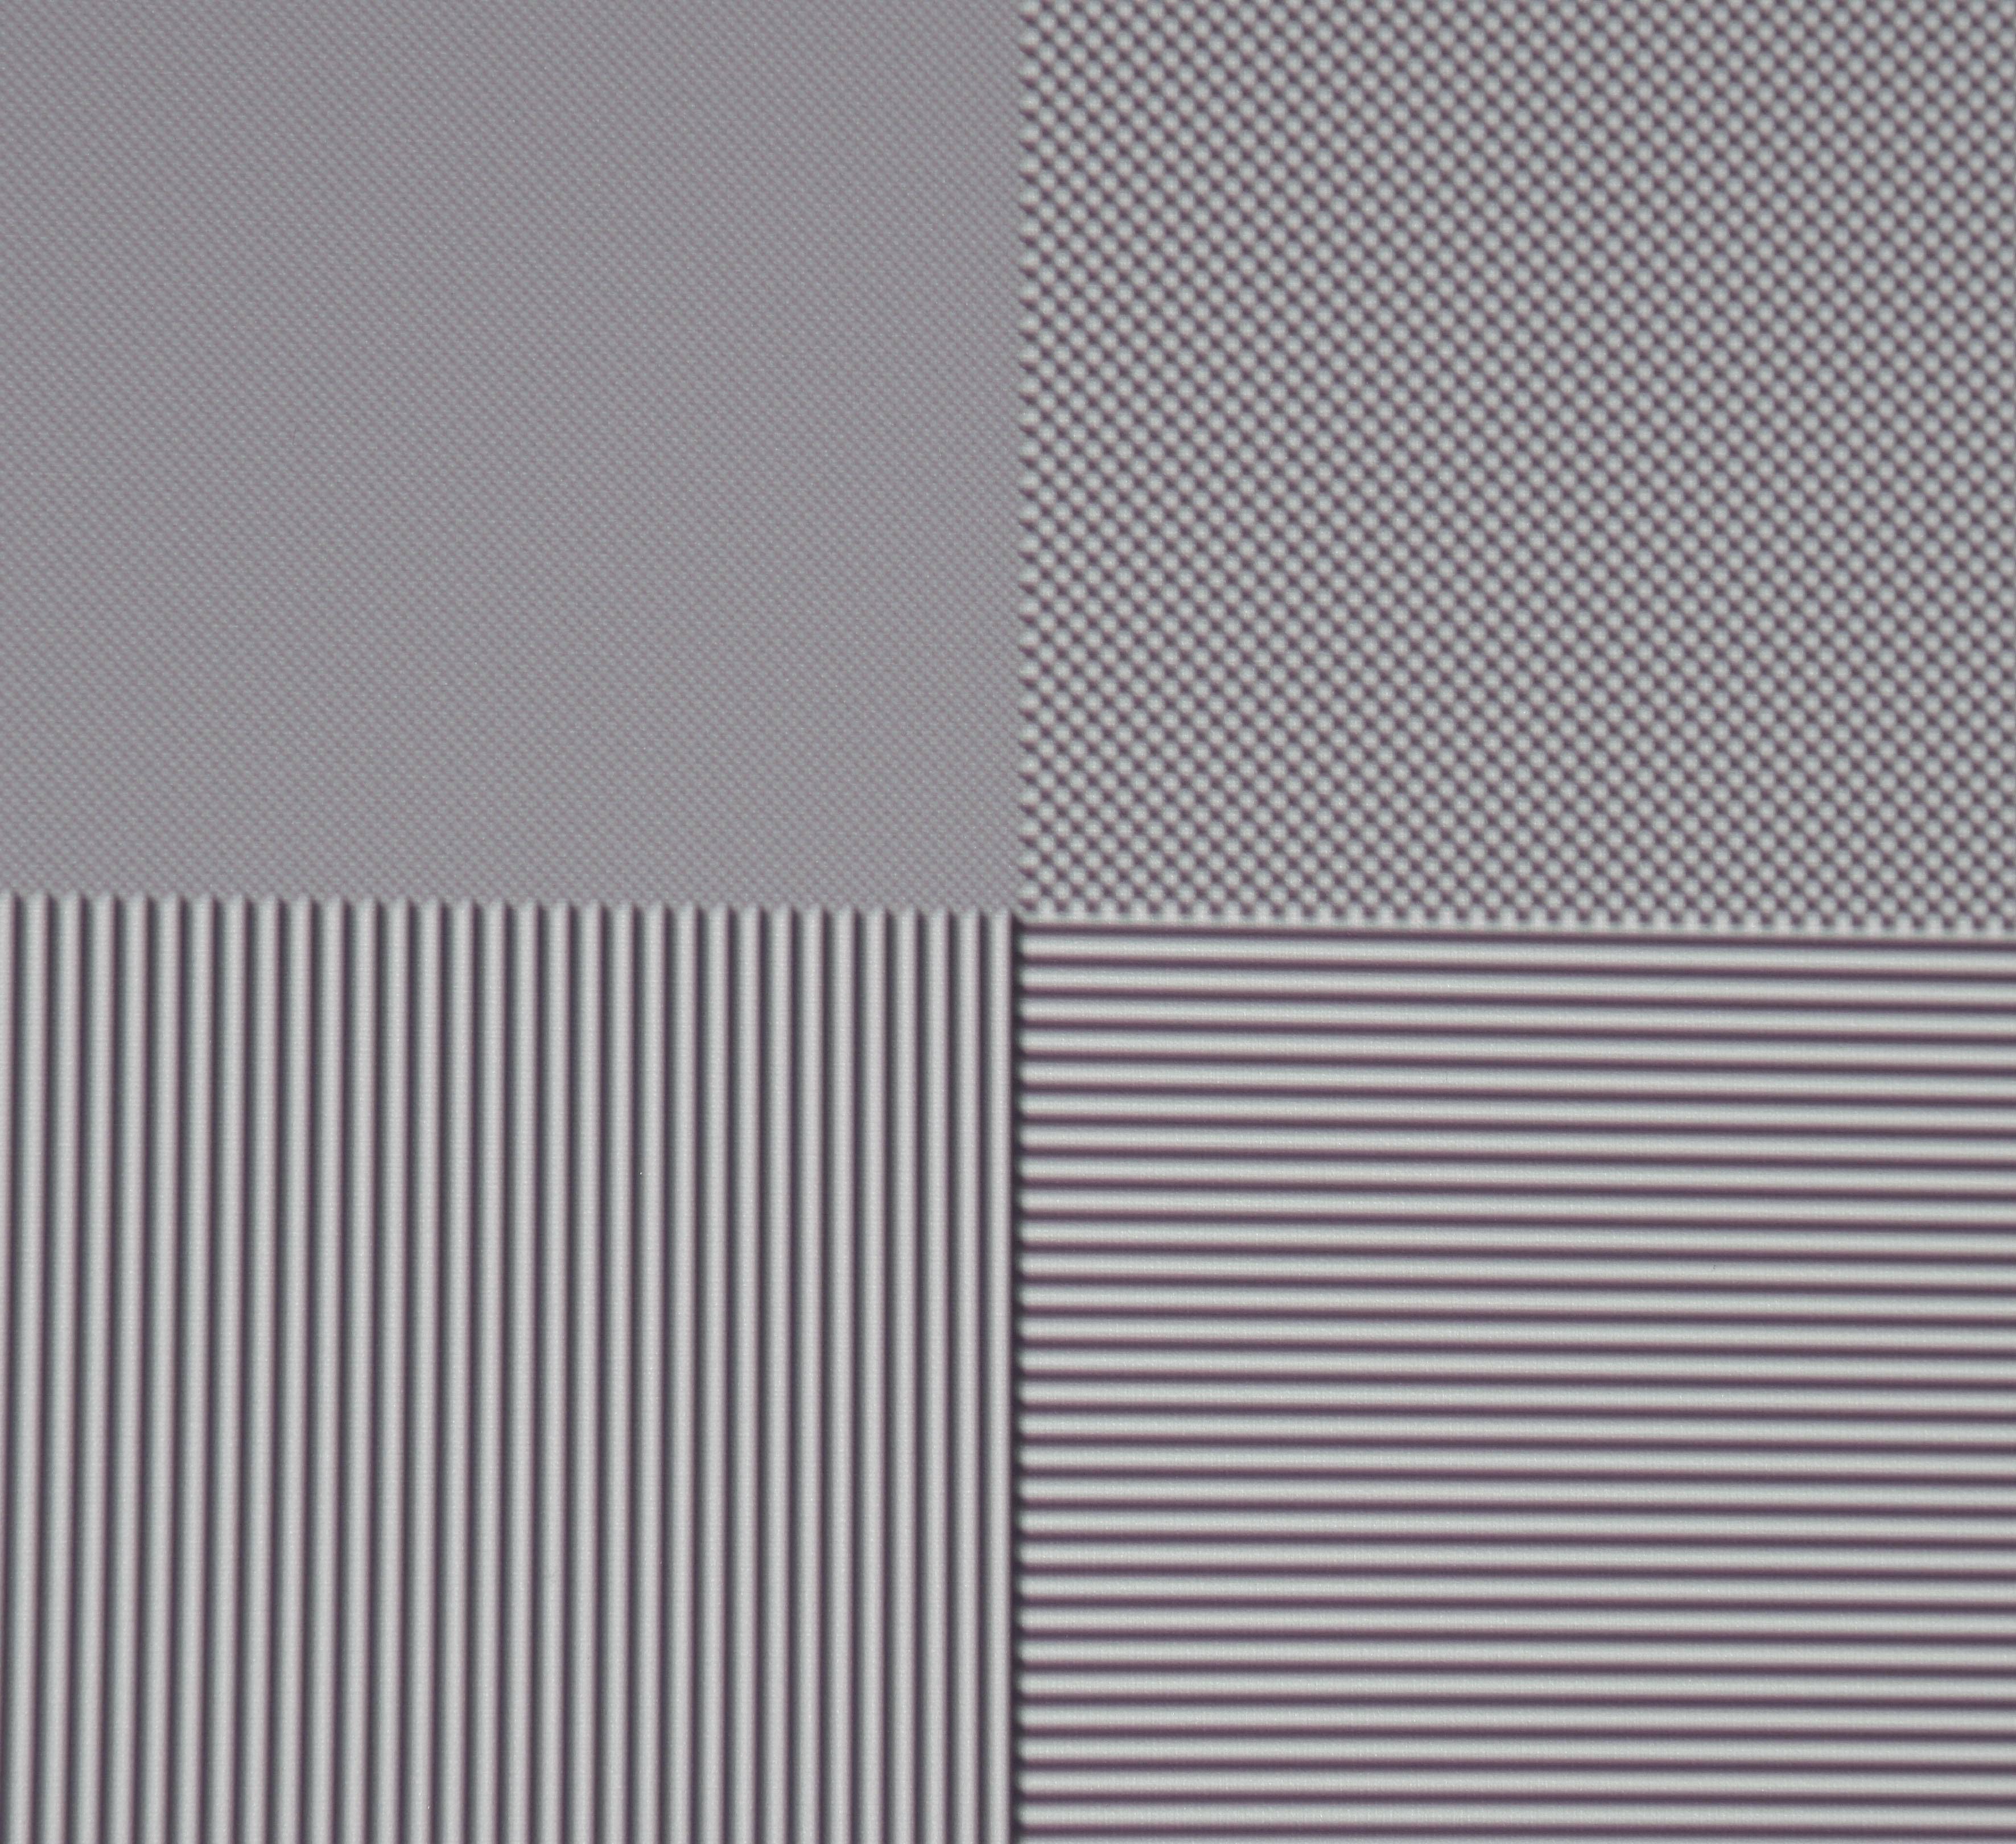 Full-HD-Auflösung: Oben links sind einzelne schwarze und weiße Felder als Schachbrett angeordnet. Der Screenshot zeigt deutlich, dass alle Pixel abgebildet werden und der Kontrast erhalten bleibt.